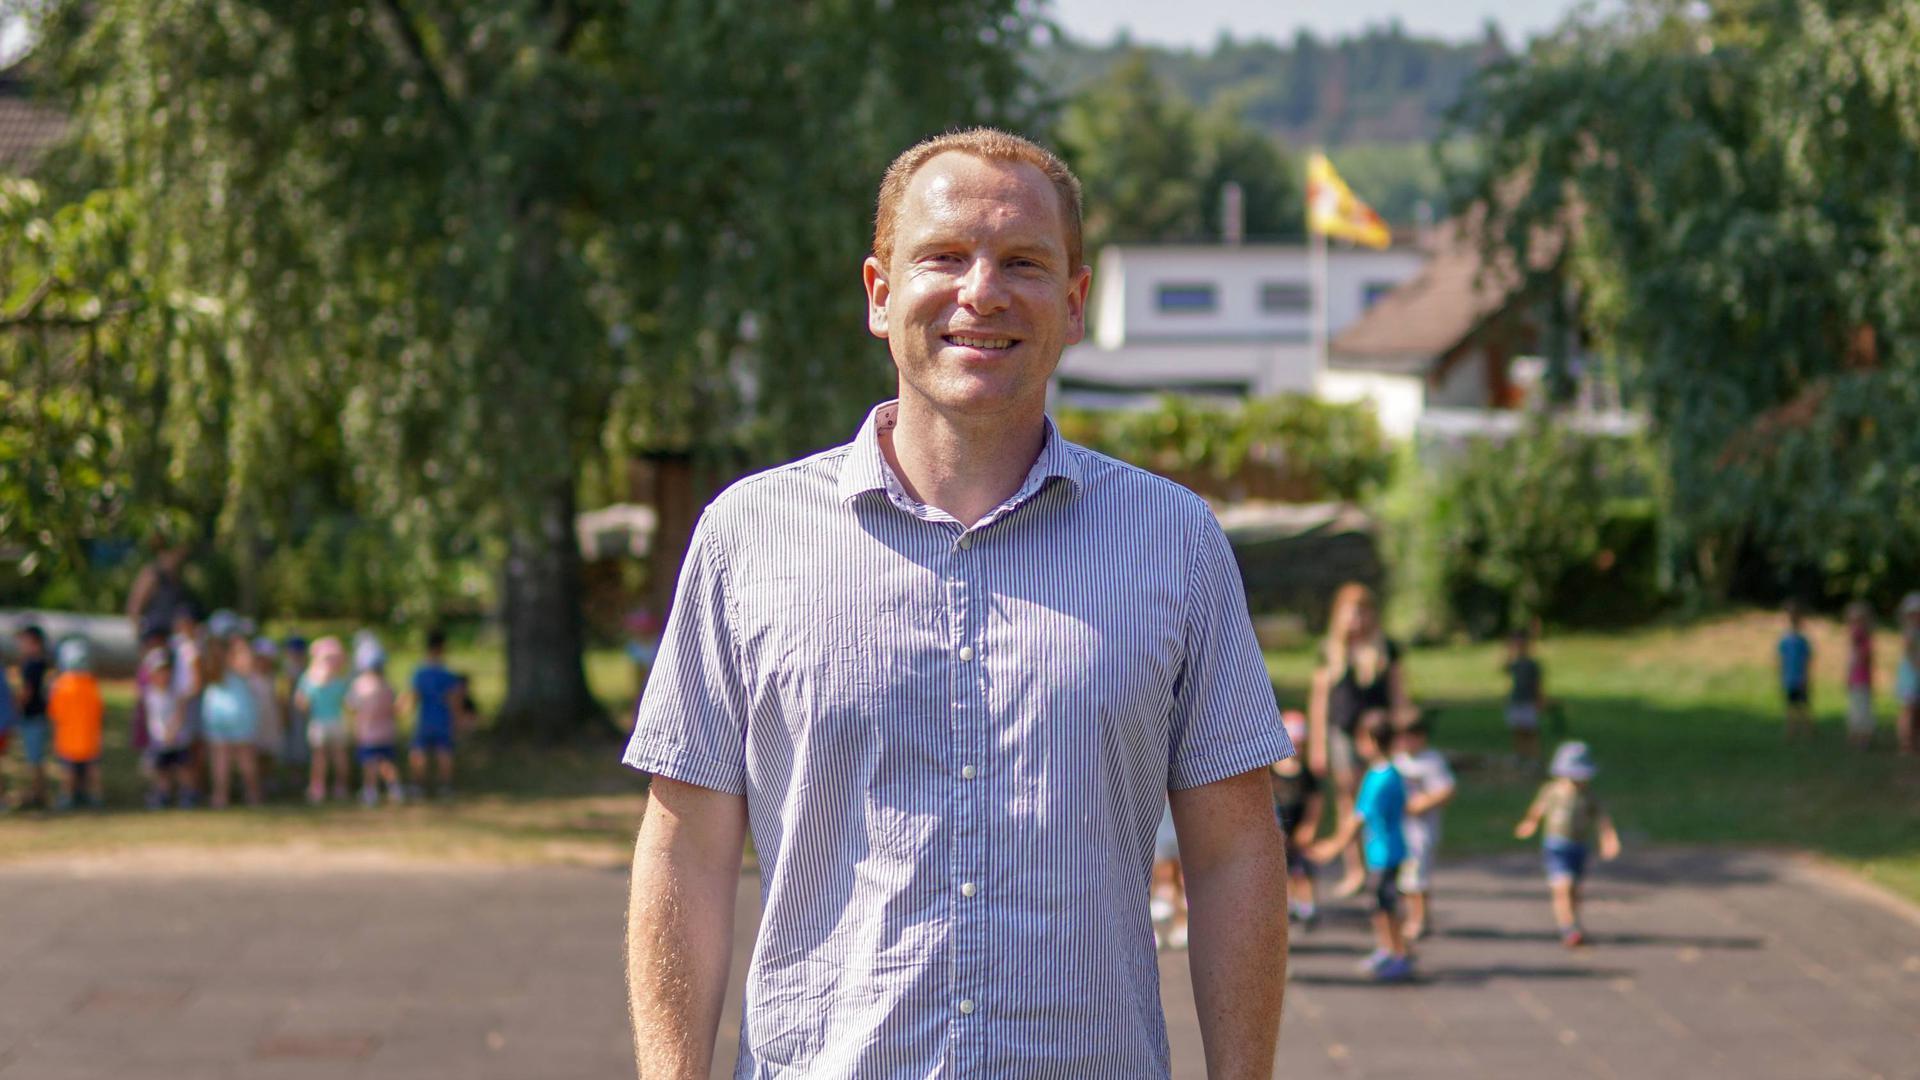 Pädagogische Arbeit im Freien: Rings um Adrian Groll herum toben die Kinder. Der Erzieher ist zurzeit noch mit organisatorischen Dingen beschäftigt, wird demnächst aber selbst in den Gruppen mitarbeiten.